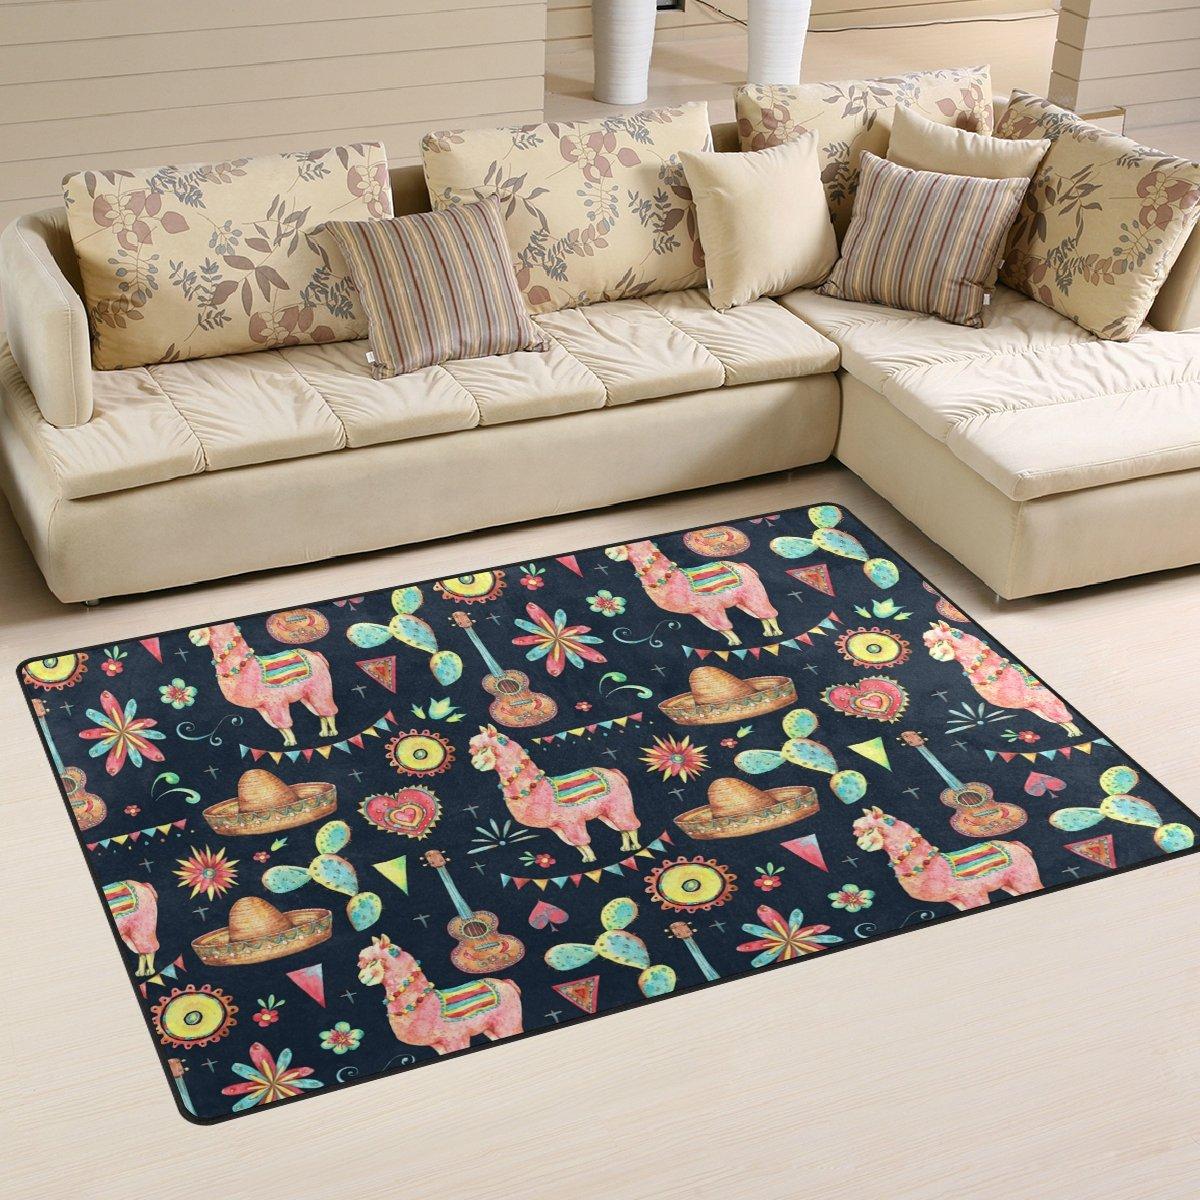 WellLee Area Rug,Mexican Watercolor Cactus Little Alpaca Floor Rug Non-Slip Doormat for Living Dining Dorm Room Bedroom Decor 60x39 inch by WellLee